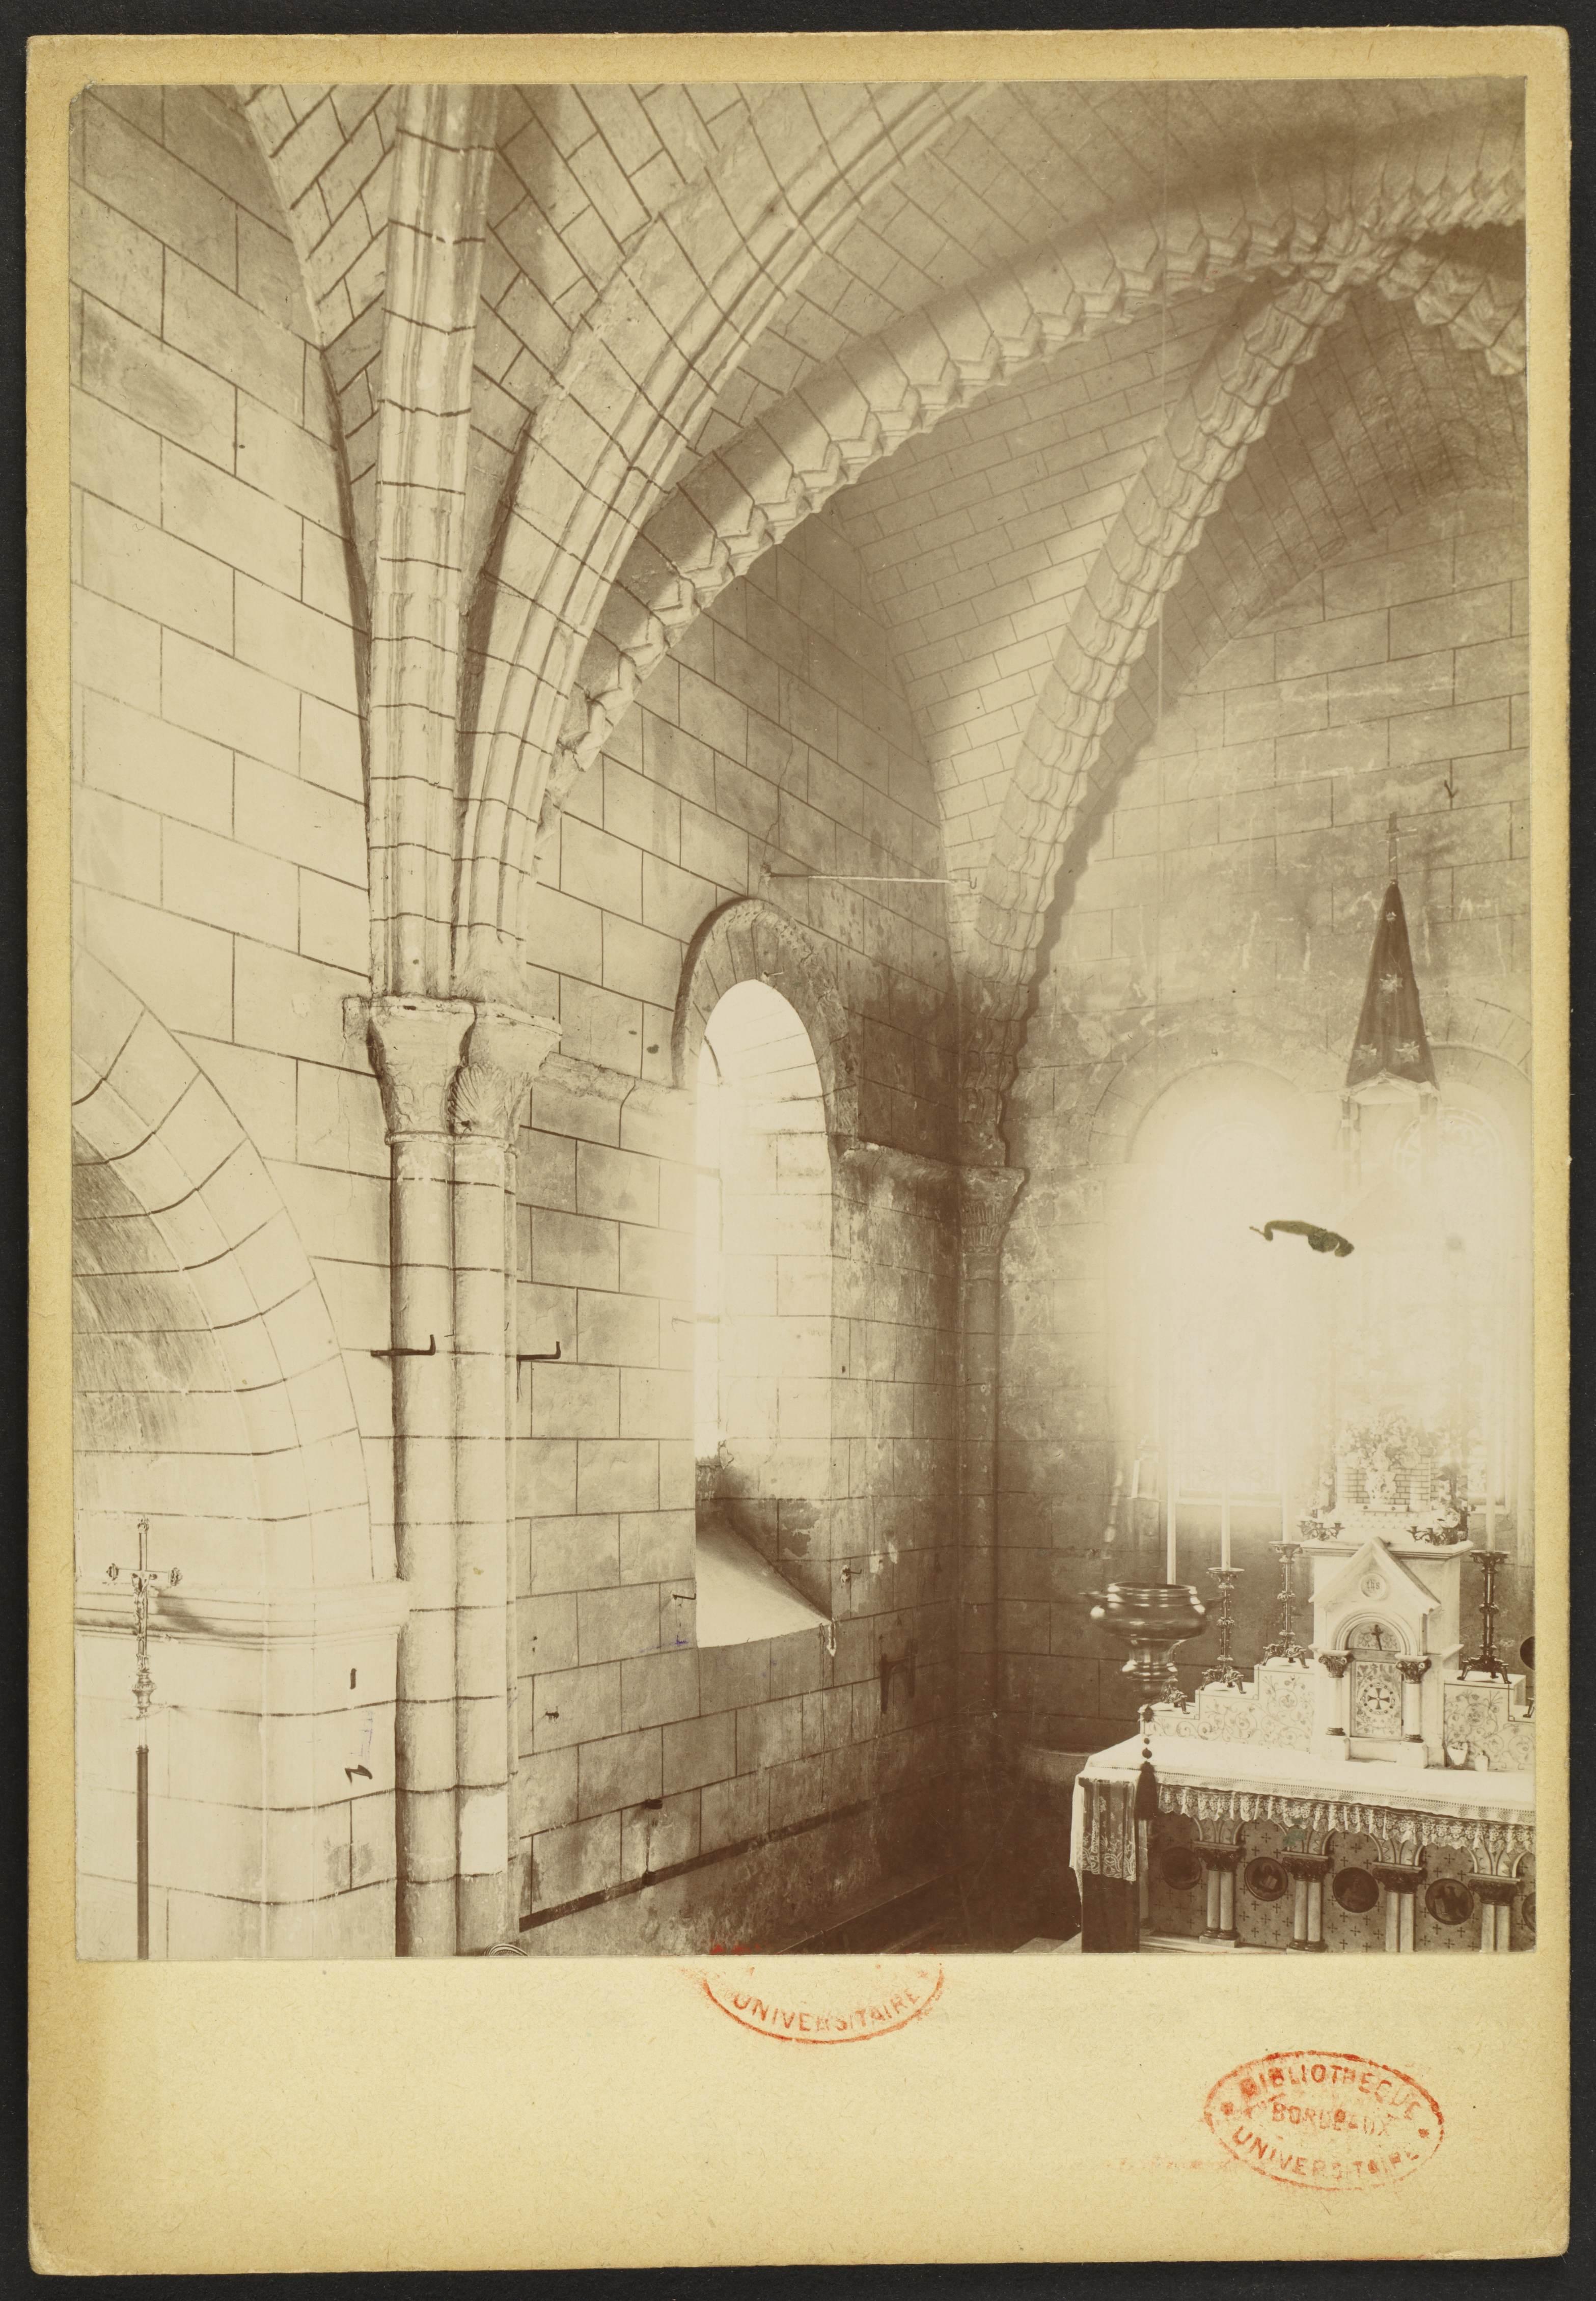 Carte Universite De Bordeaux.File Eglise Saint Romain De Cartelegue J A Brutails Universite